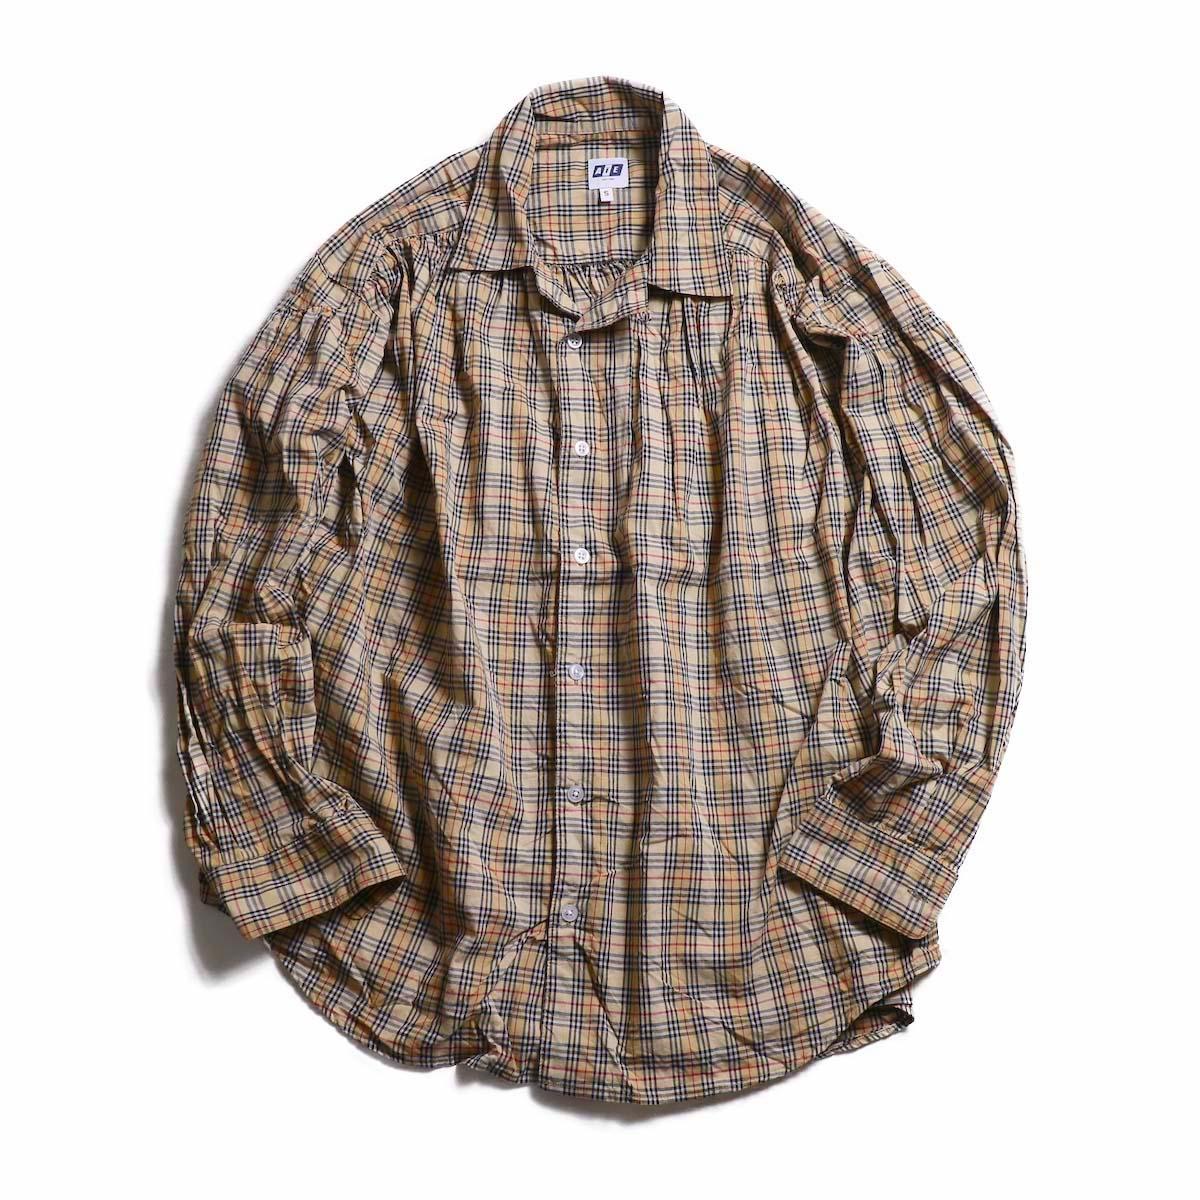 AiE / painter shirt - cotton plaid